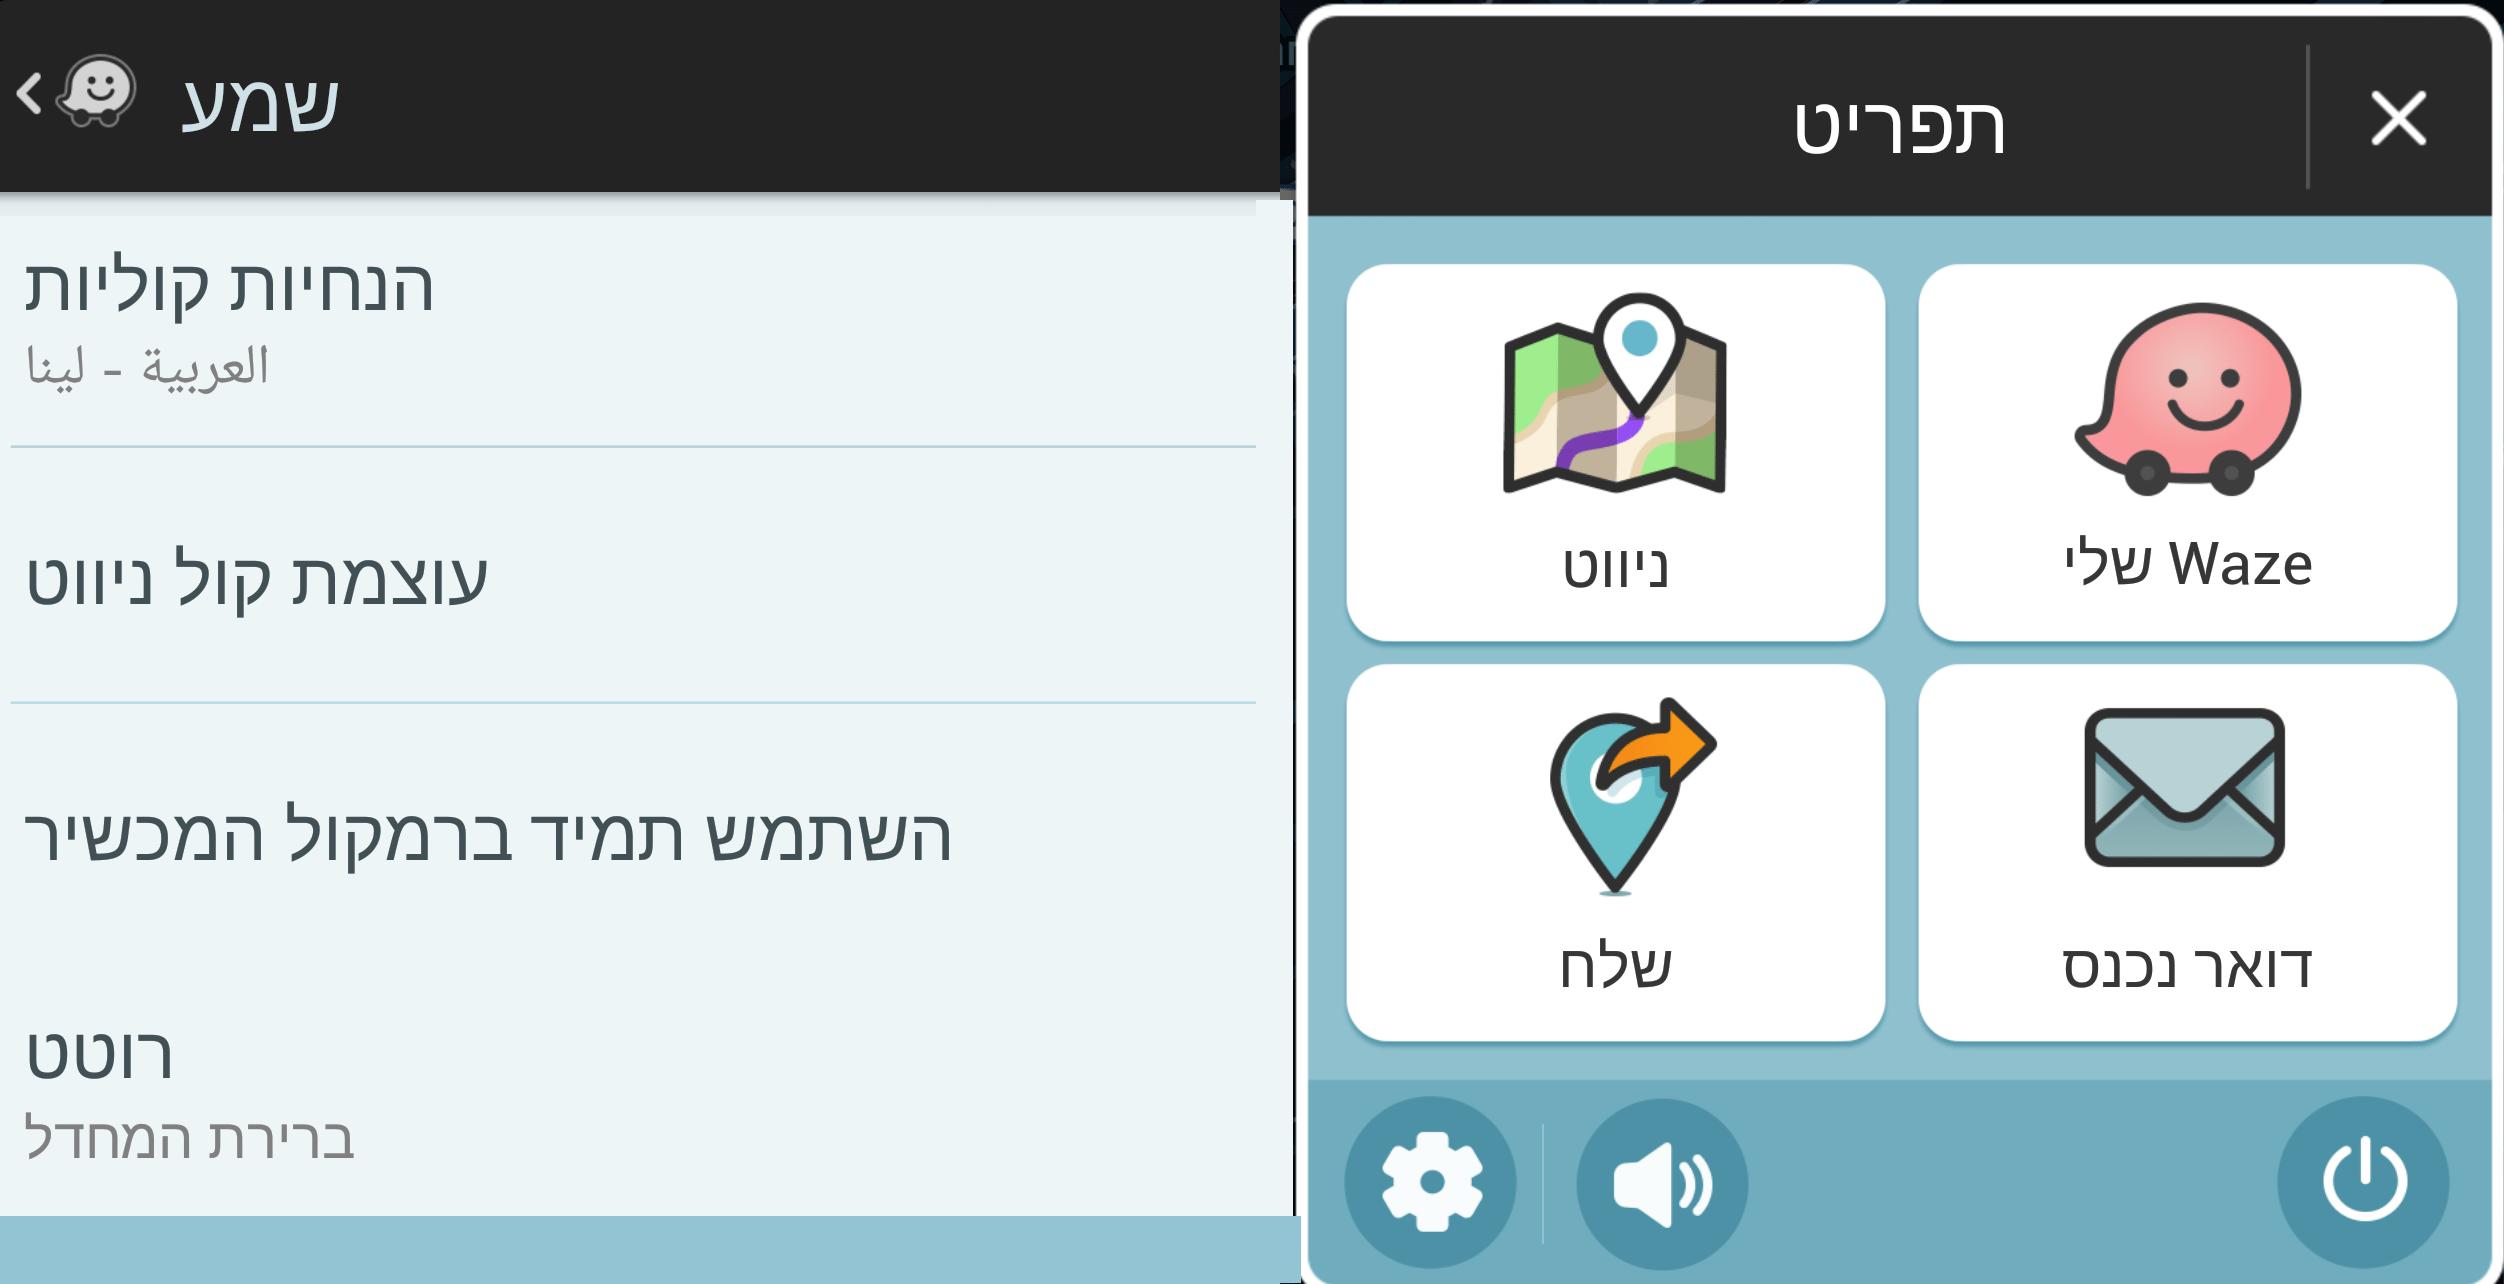 אפליקציית וויז בערבית